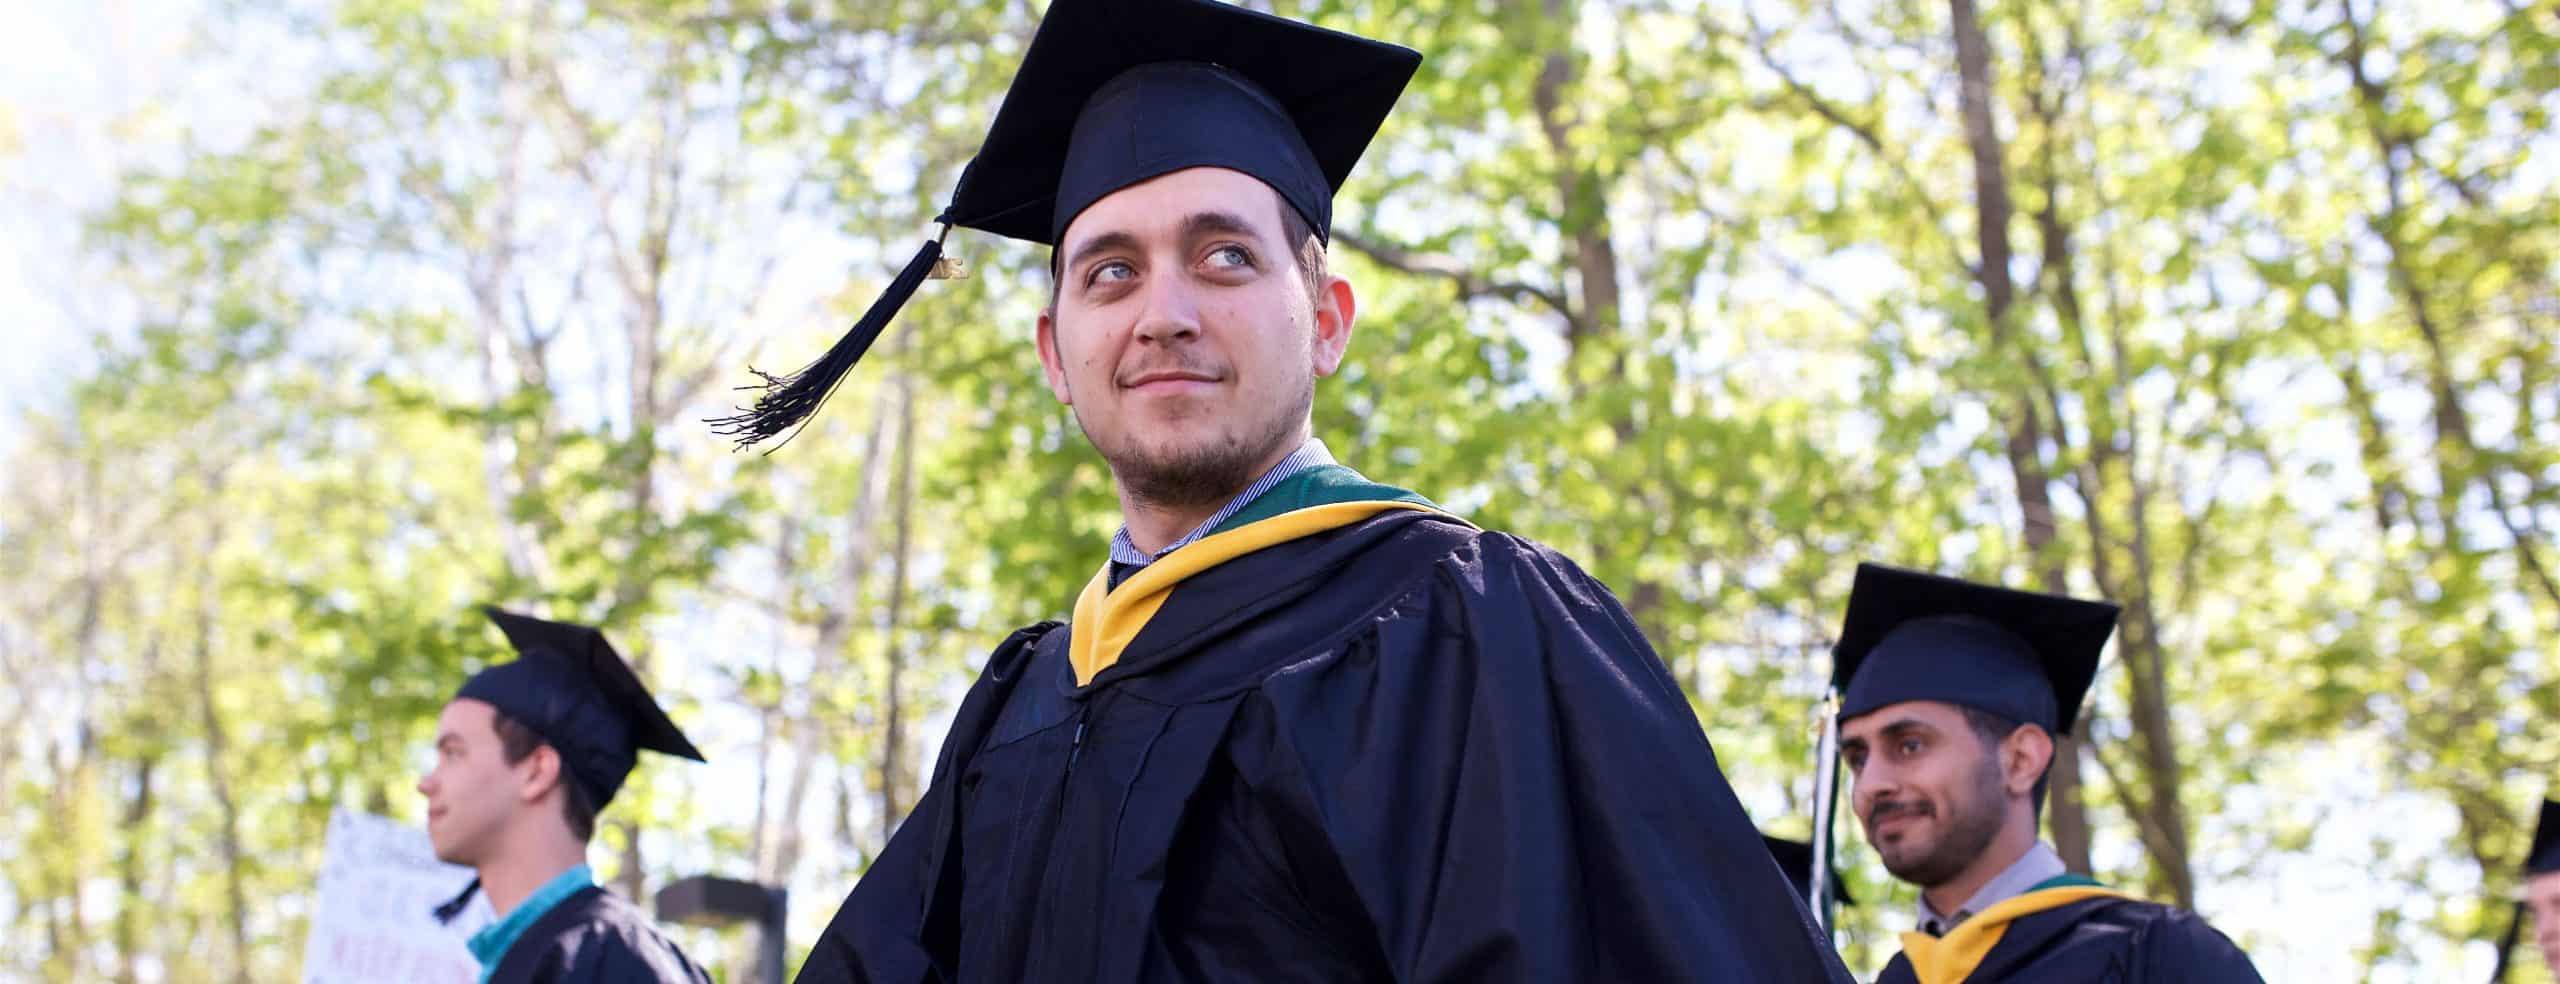 commencement, graduation, 98% placement rate, congratulations